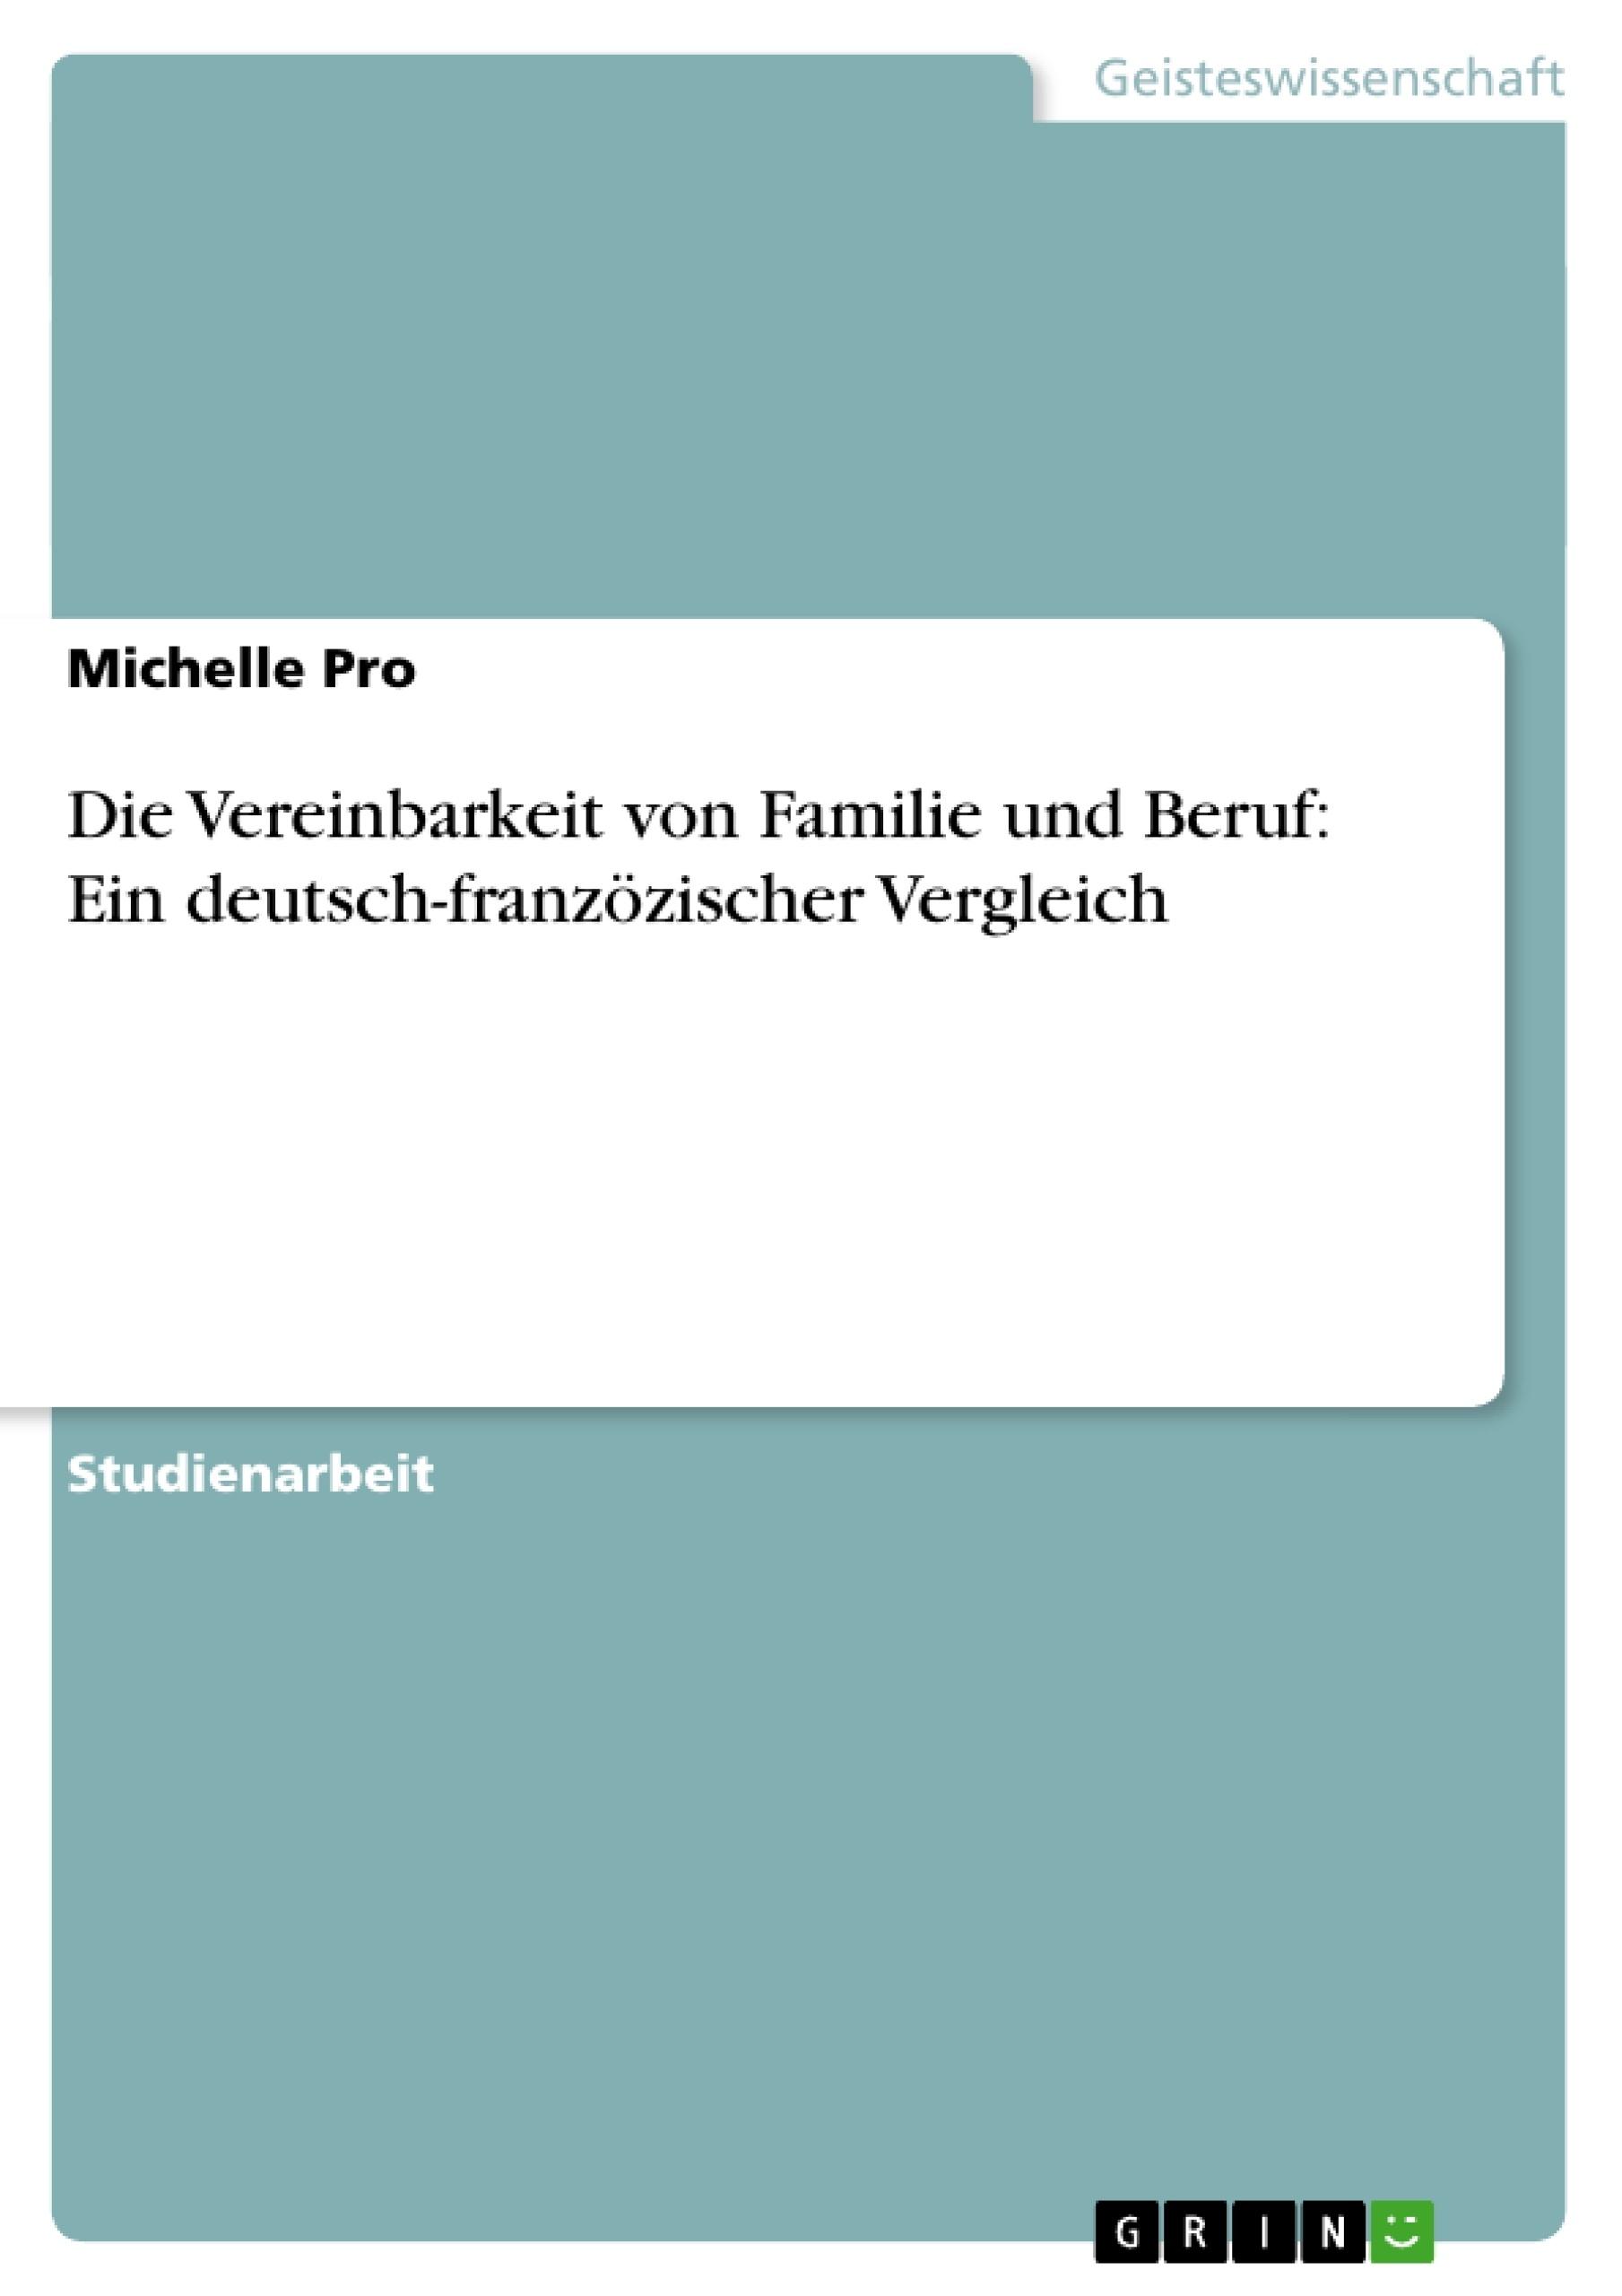 Titel: Die Vereinbarkeit von Familie und Beruf: Ein deutsch-franzözischer Vergleich